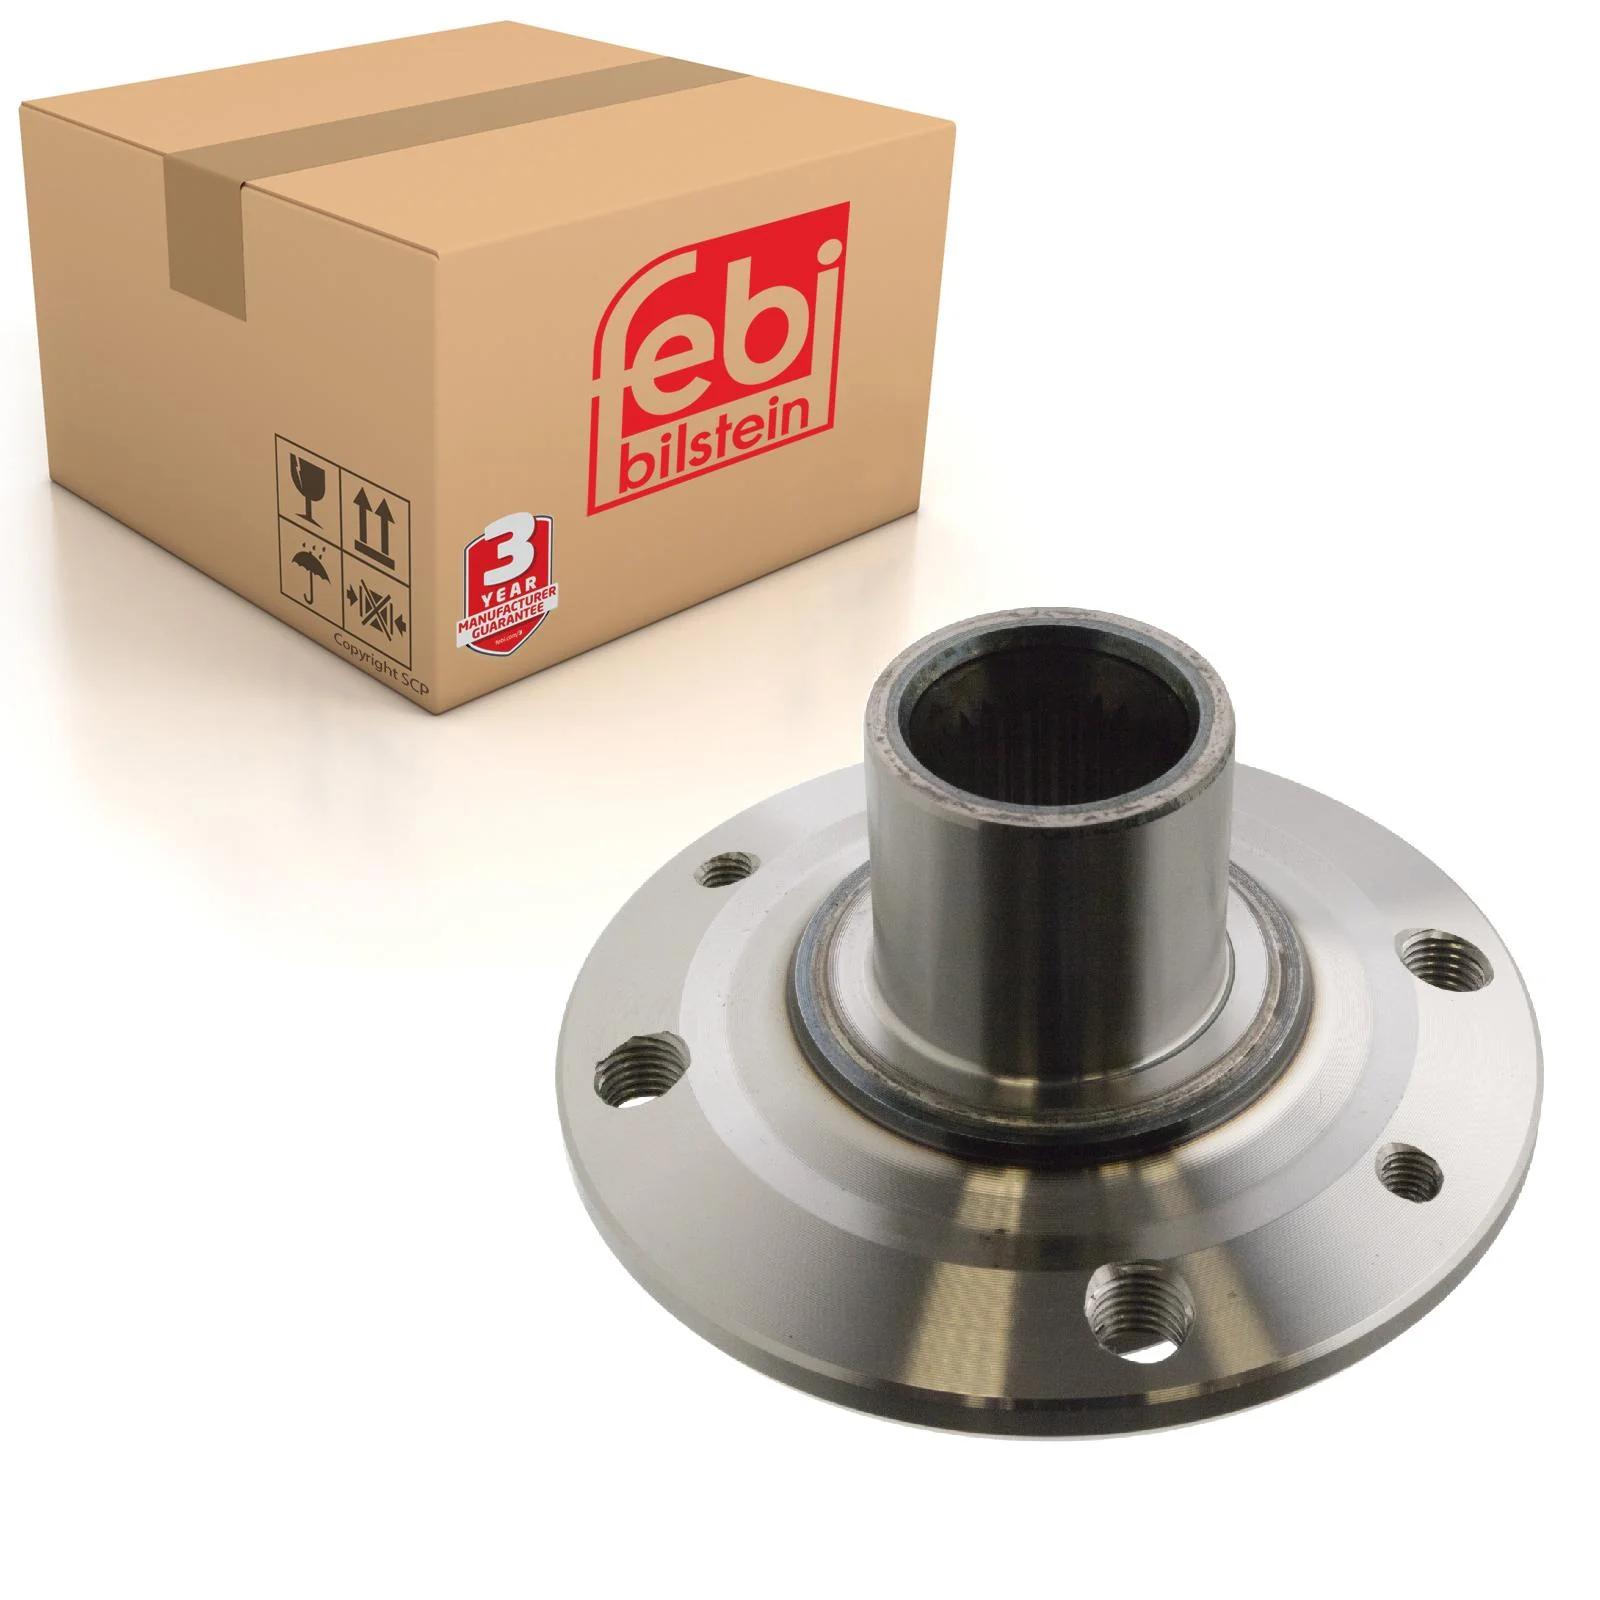 Genuine Mini Moyeu De Roue Cap Removal Tool for R50 R52 R53 R56 R55 R57 R58 R59 R60